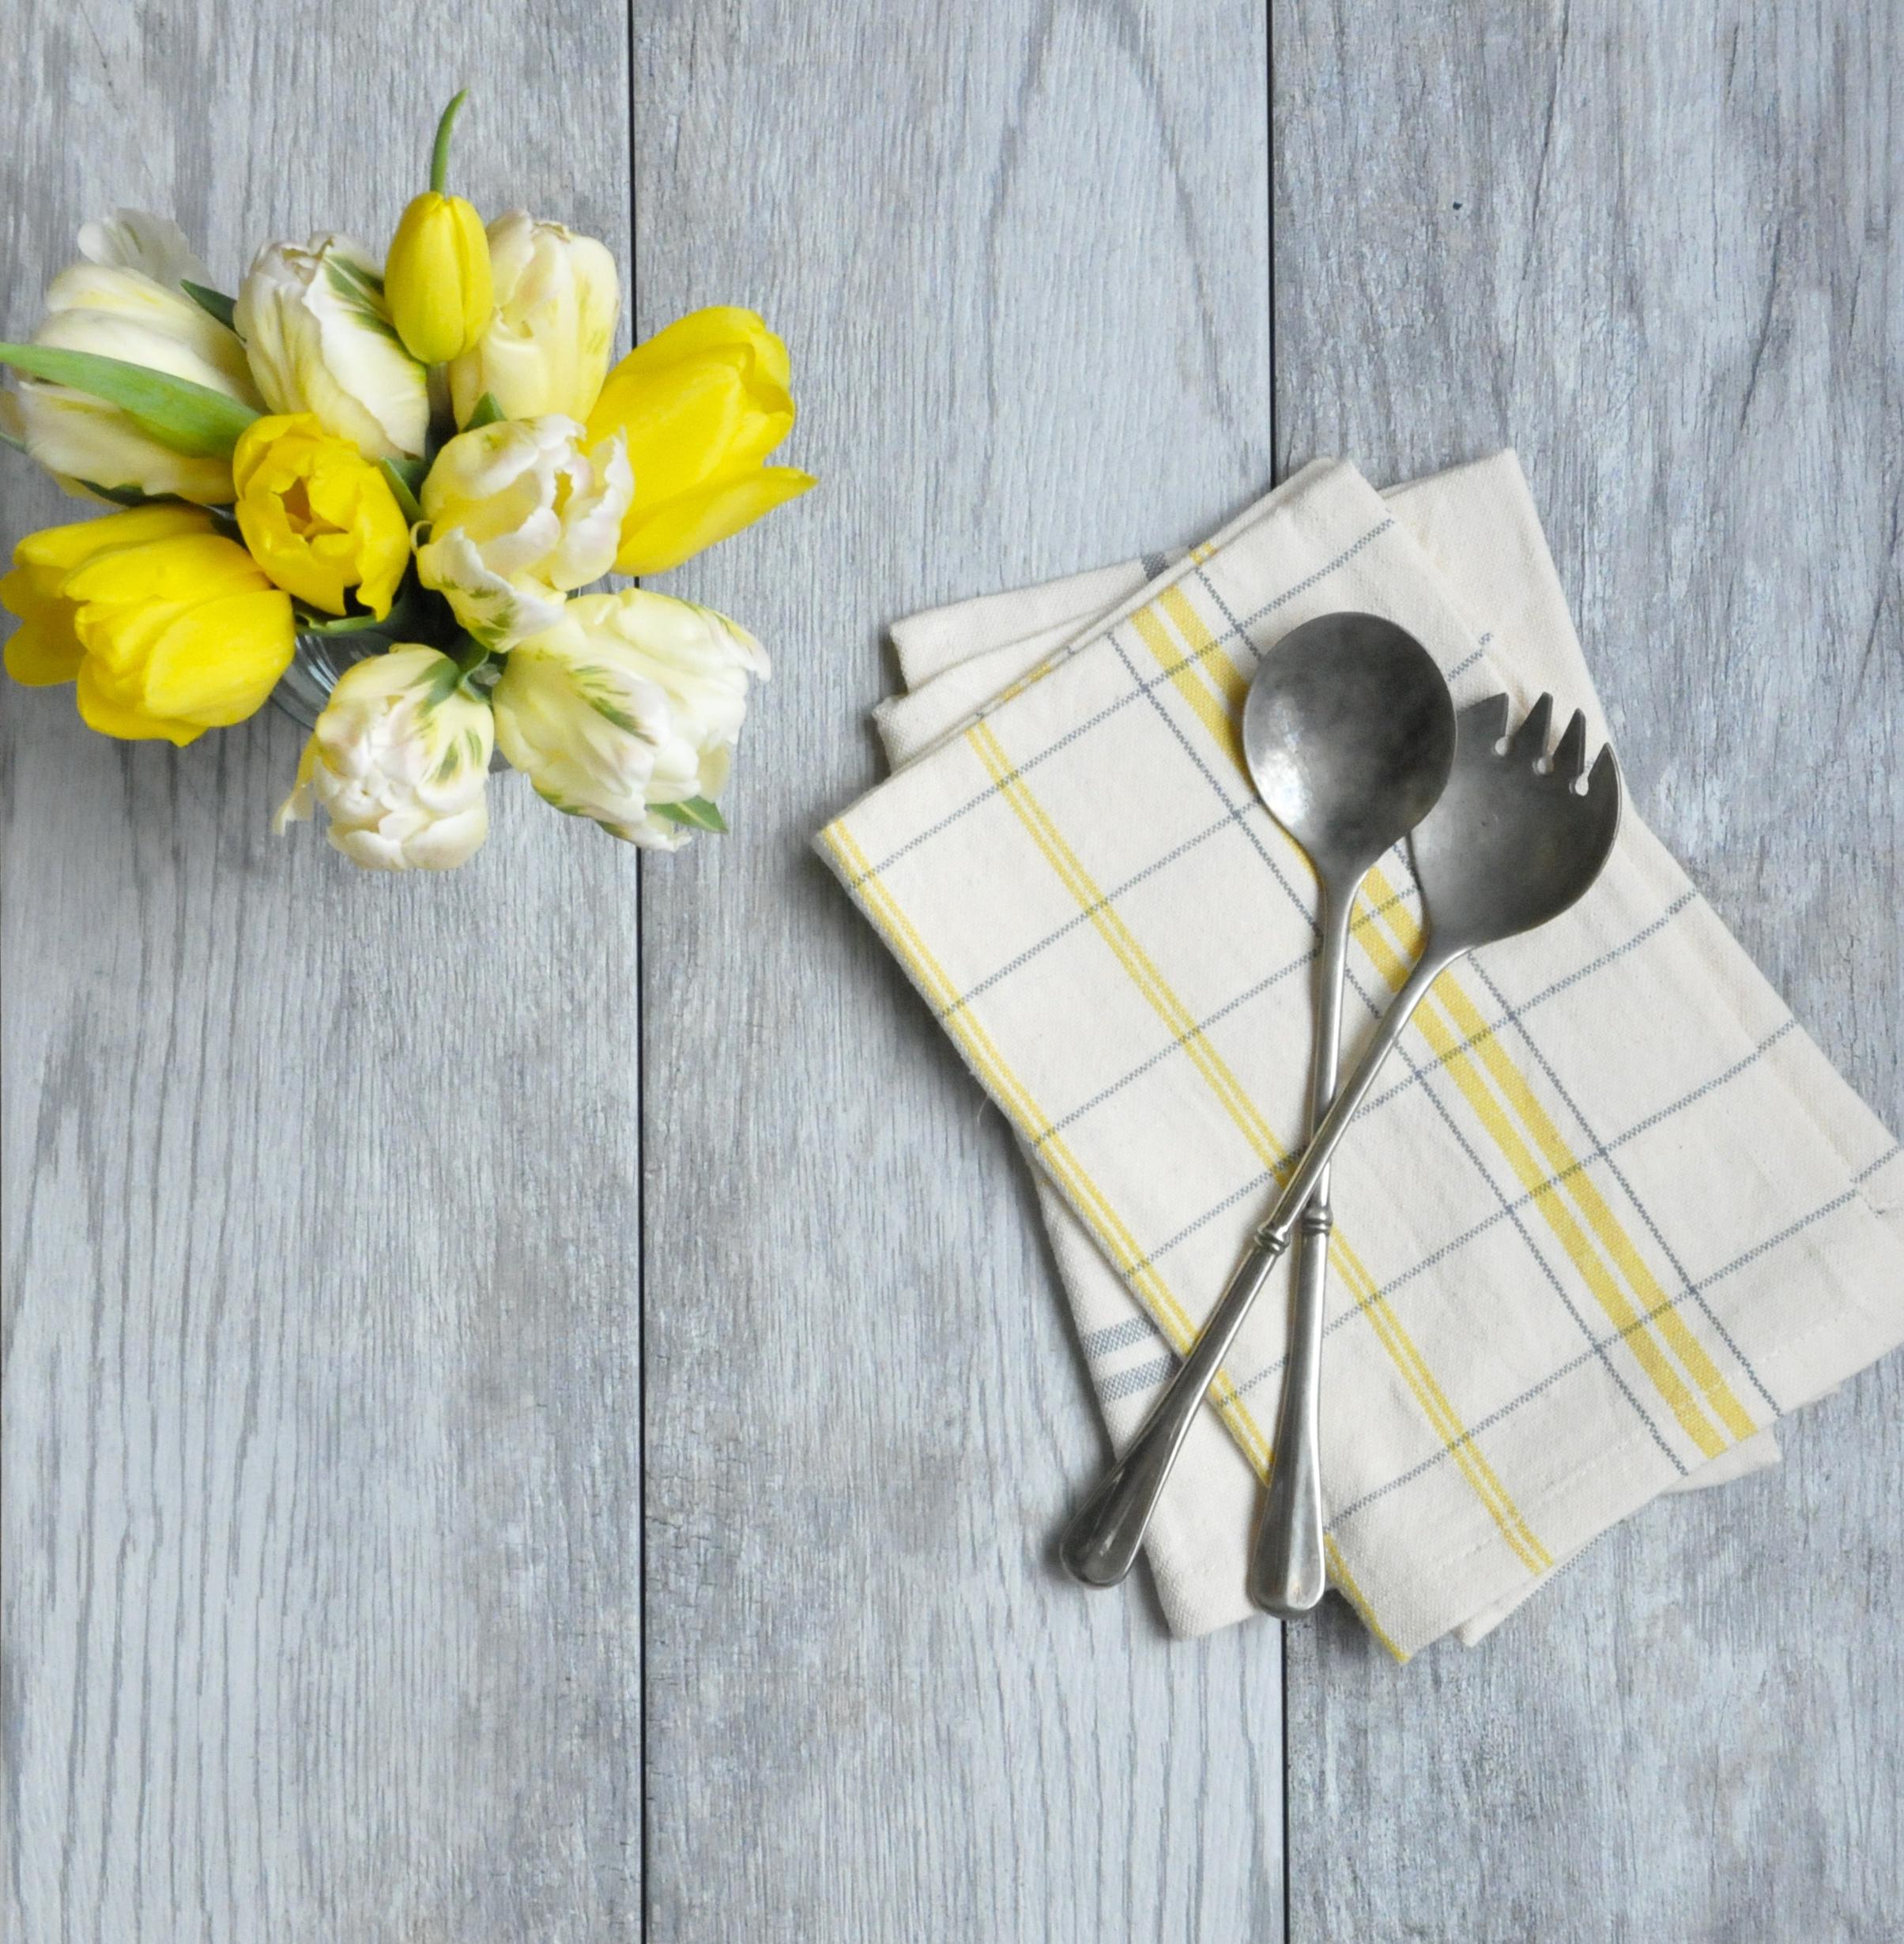 Simple spring brunch